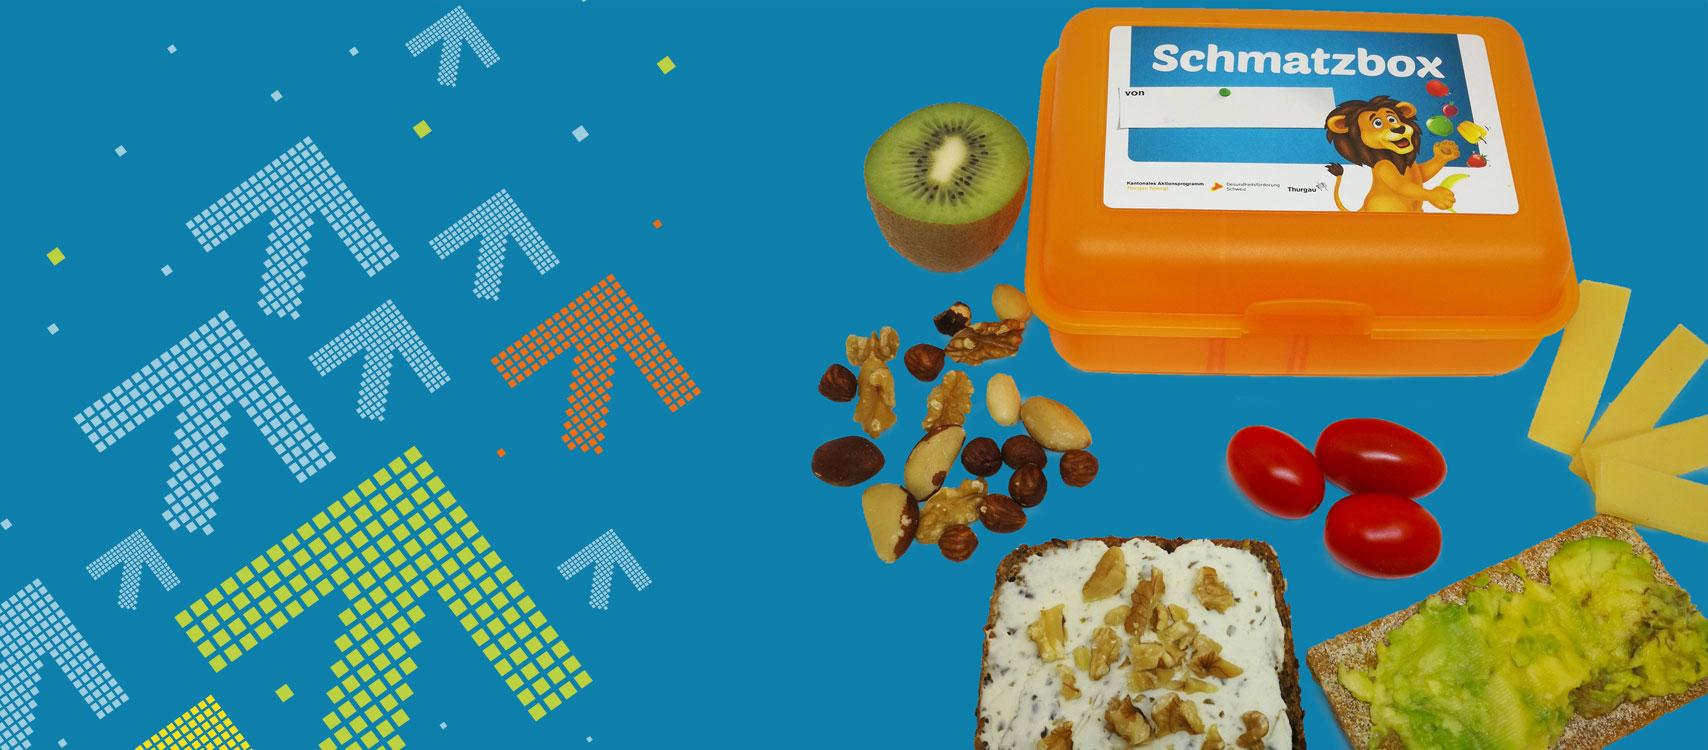 Eine Znünibox mit verschiedenen Znüniideen (Kiwi, Vollkornbrot mit Frischkäse, Nüsse etc.)